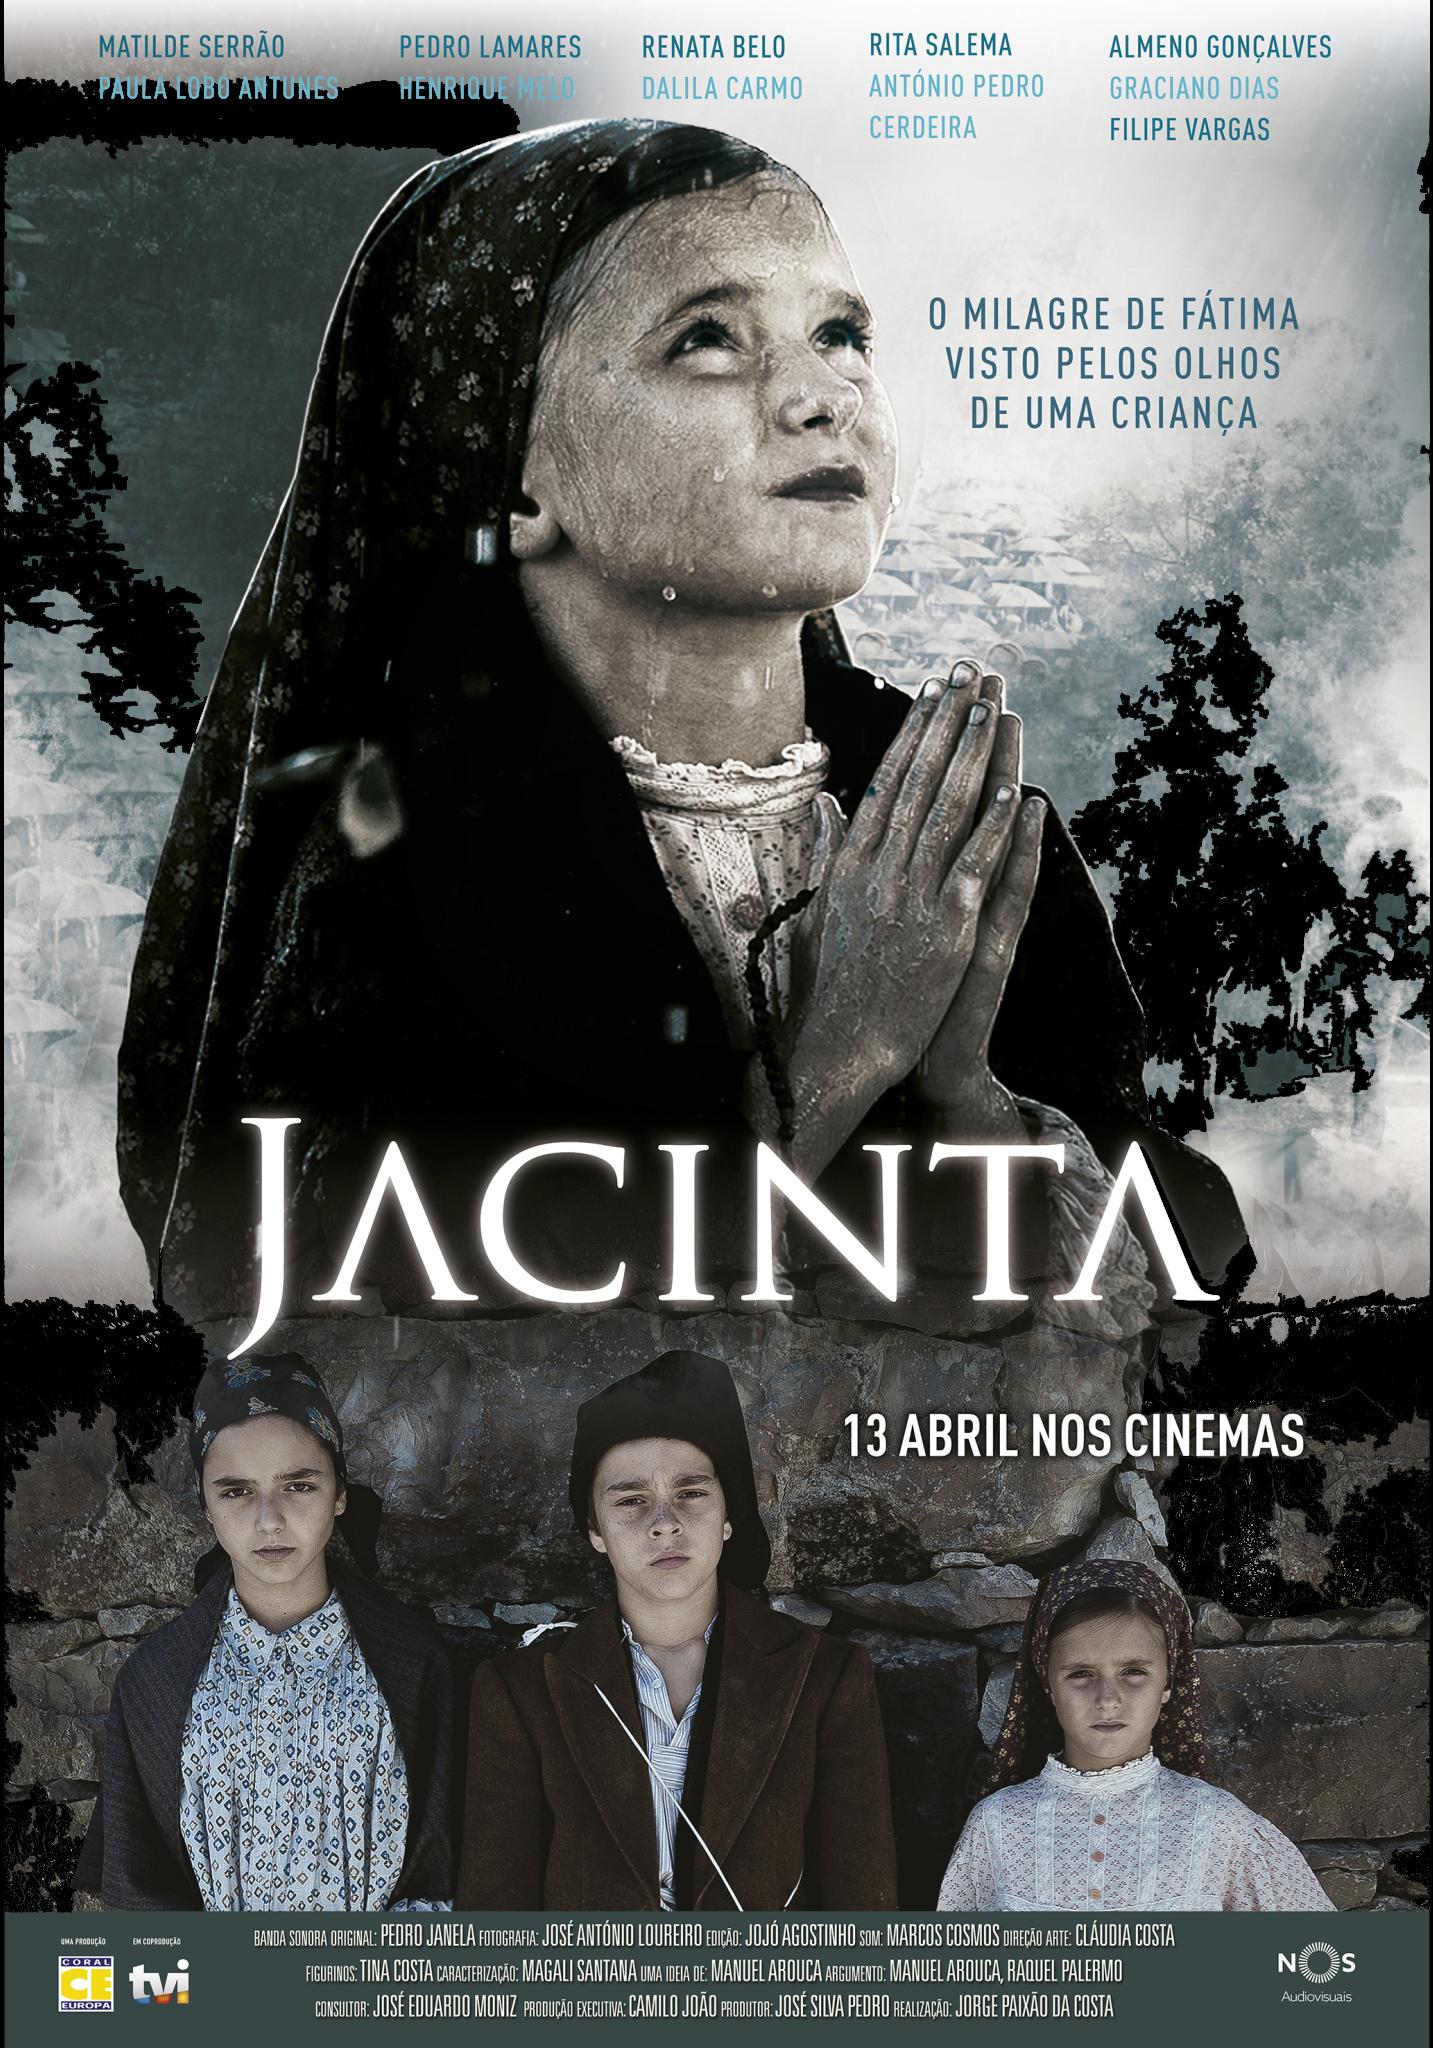 jacinta the movie